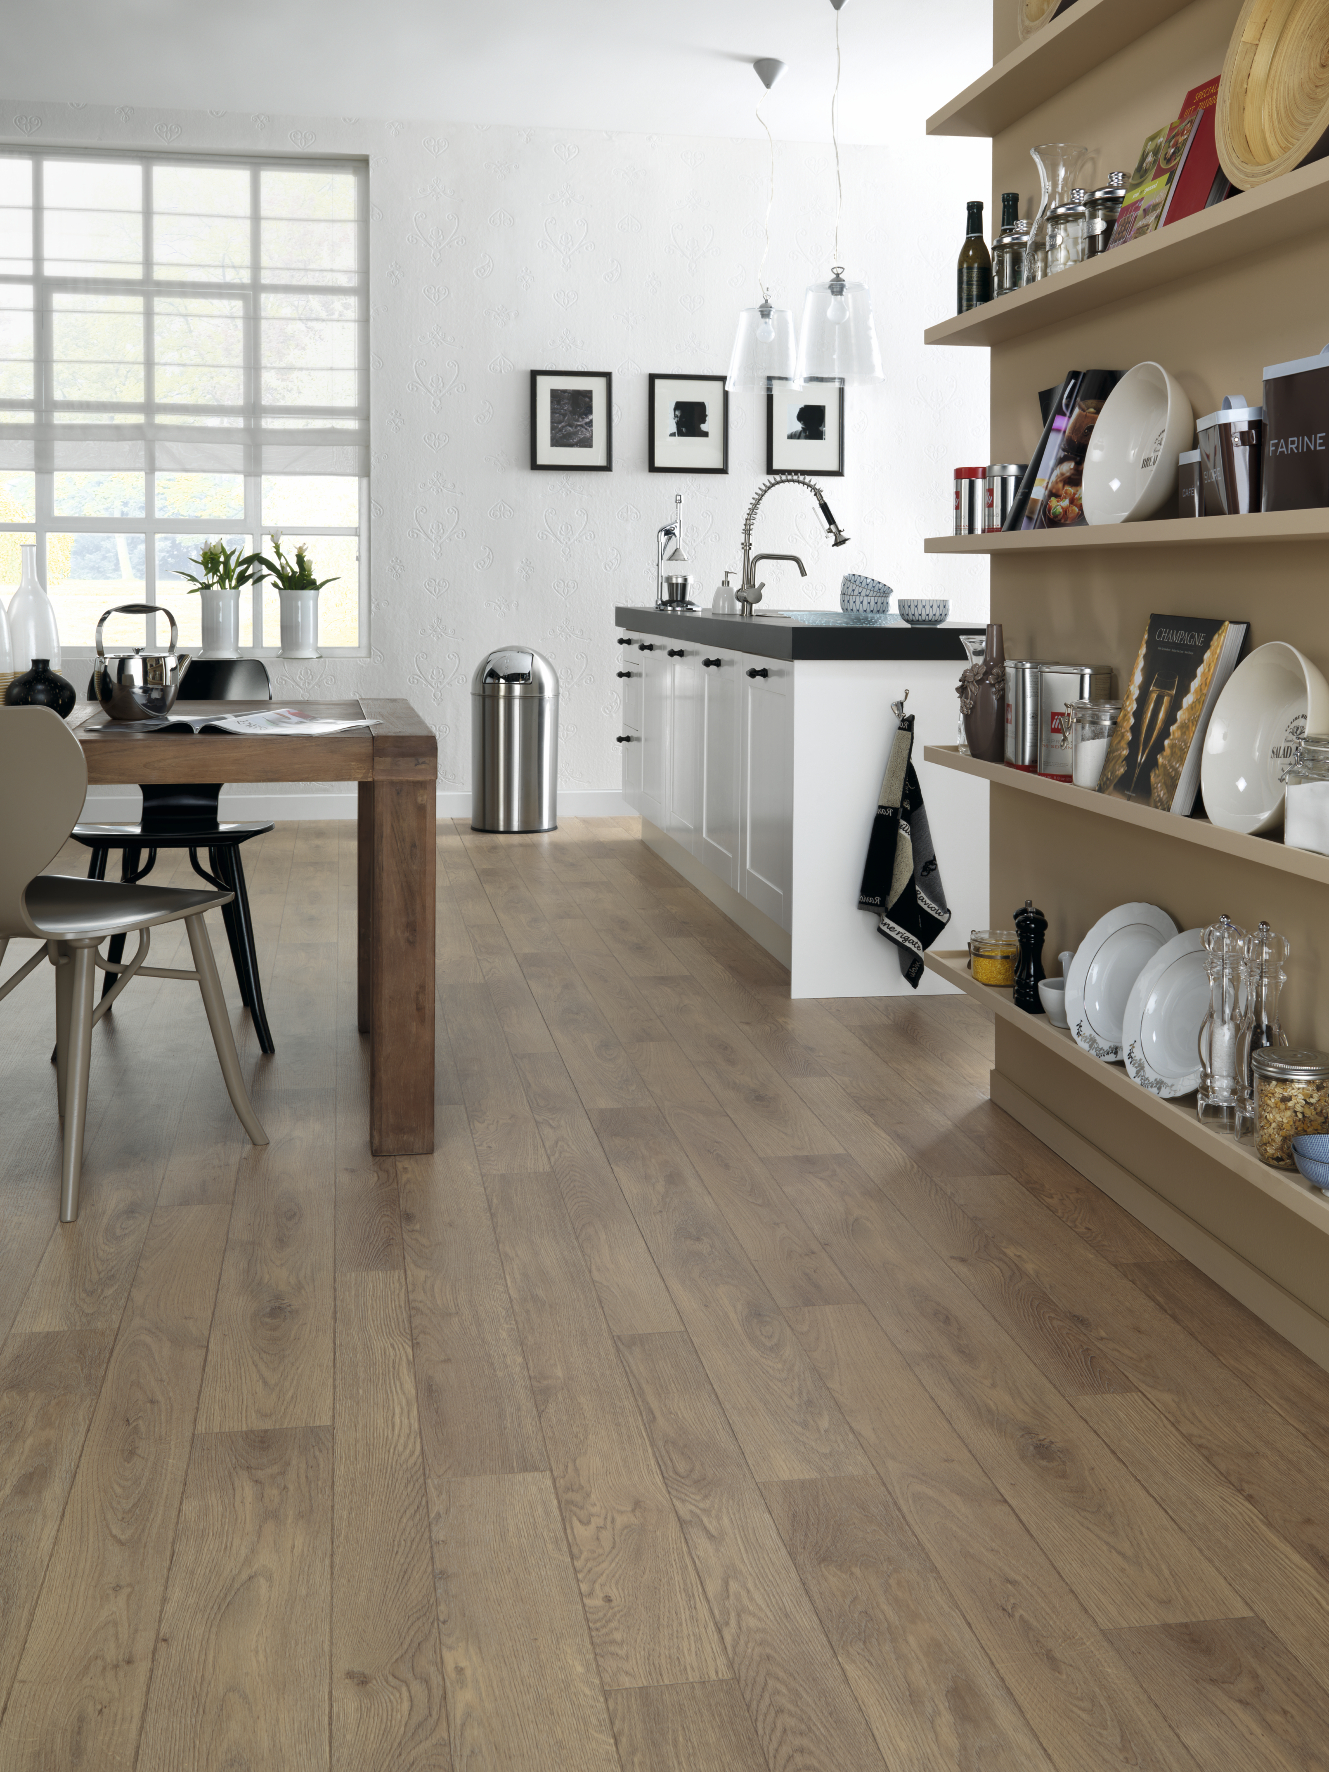 vinyl vloer weinig onderhoud veel gemak en woonplezier